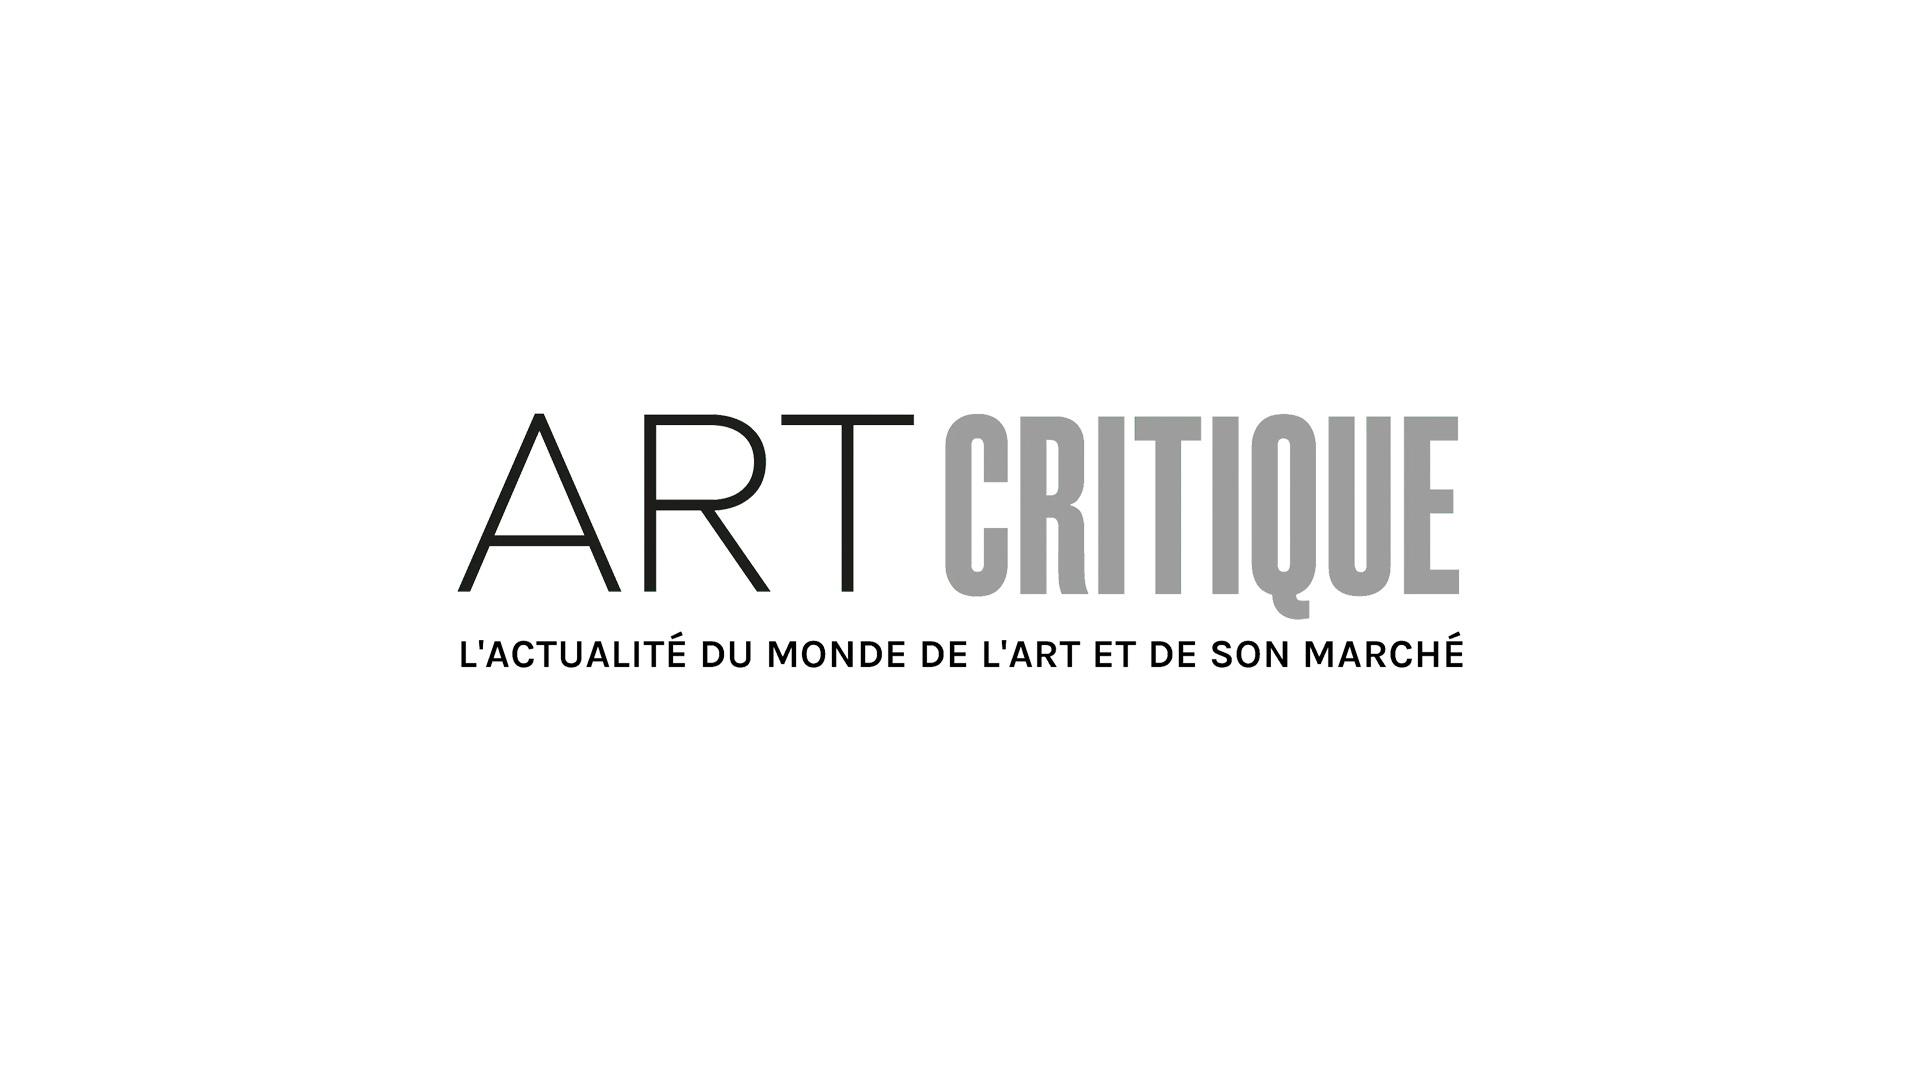 Un nouveau film sur Van Gogh